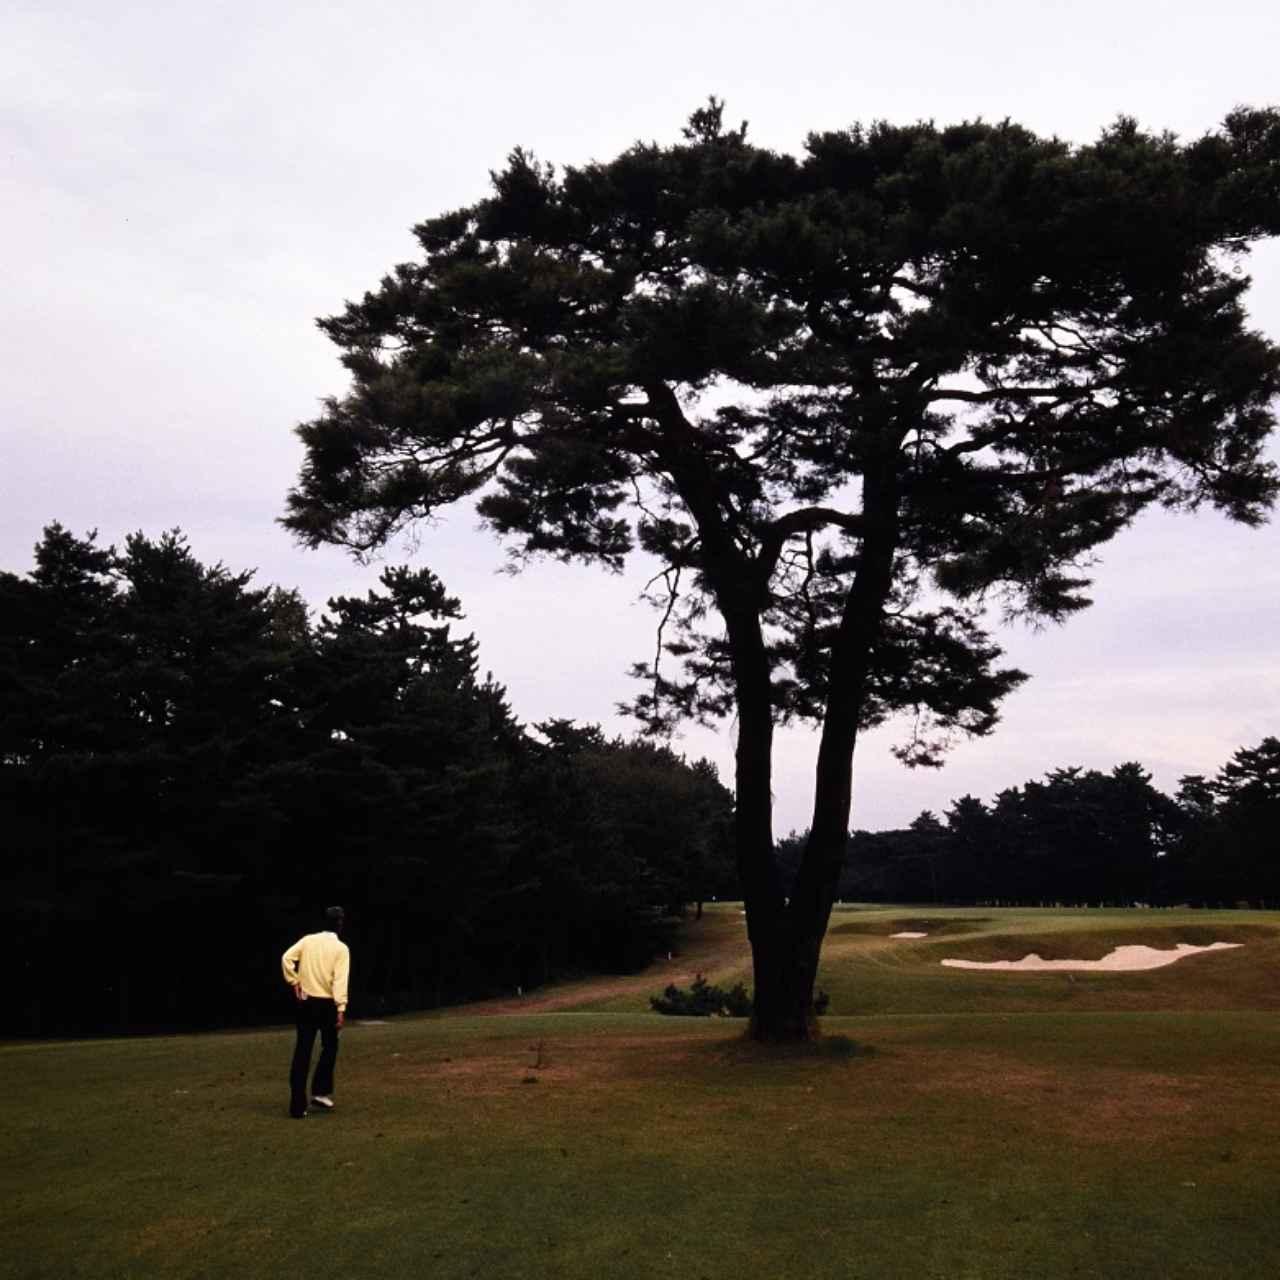 画像2: 大きなグリーンは上級者ほど乗せづらい。 アマ・ゴルフの世界 中部銀次郎「広野を往く」⑤